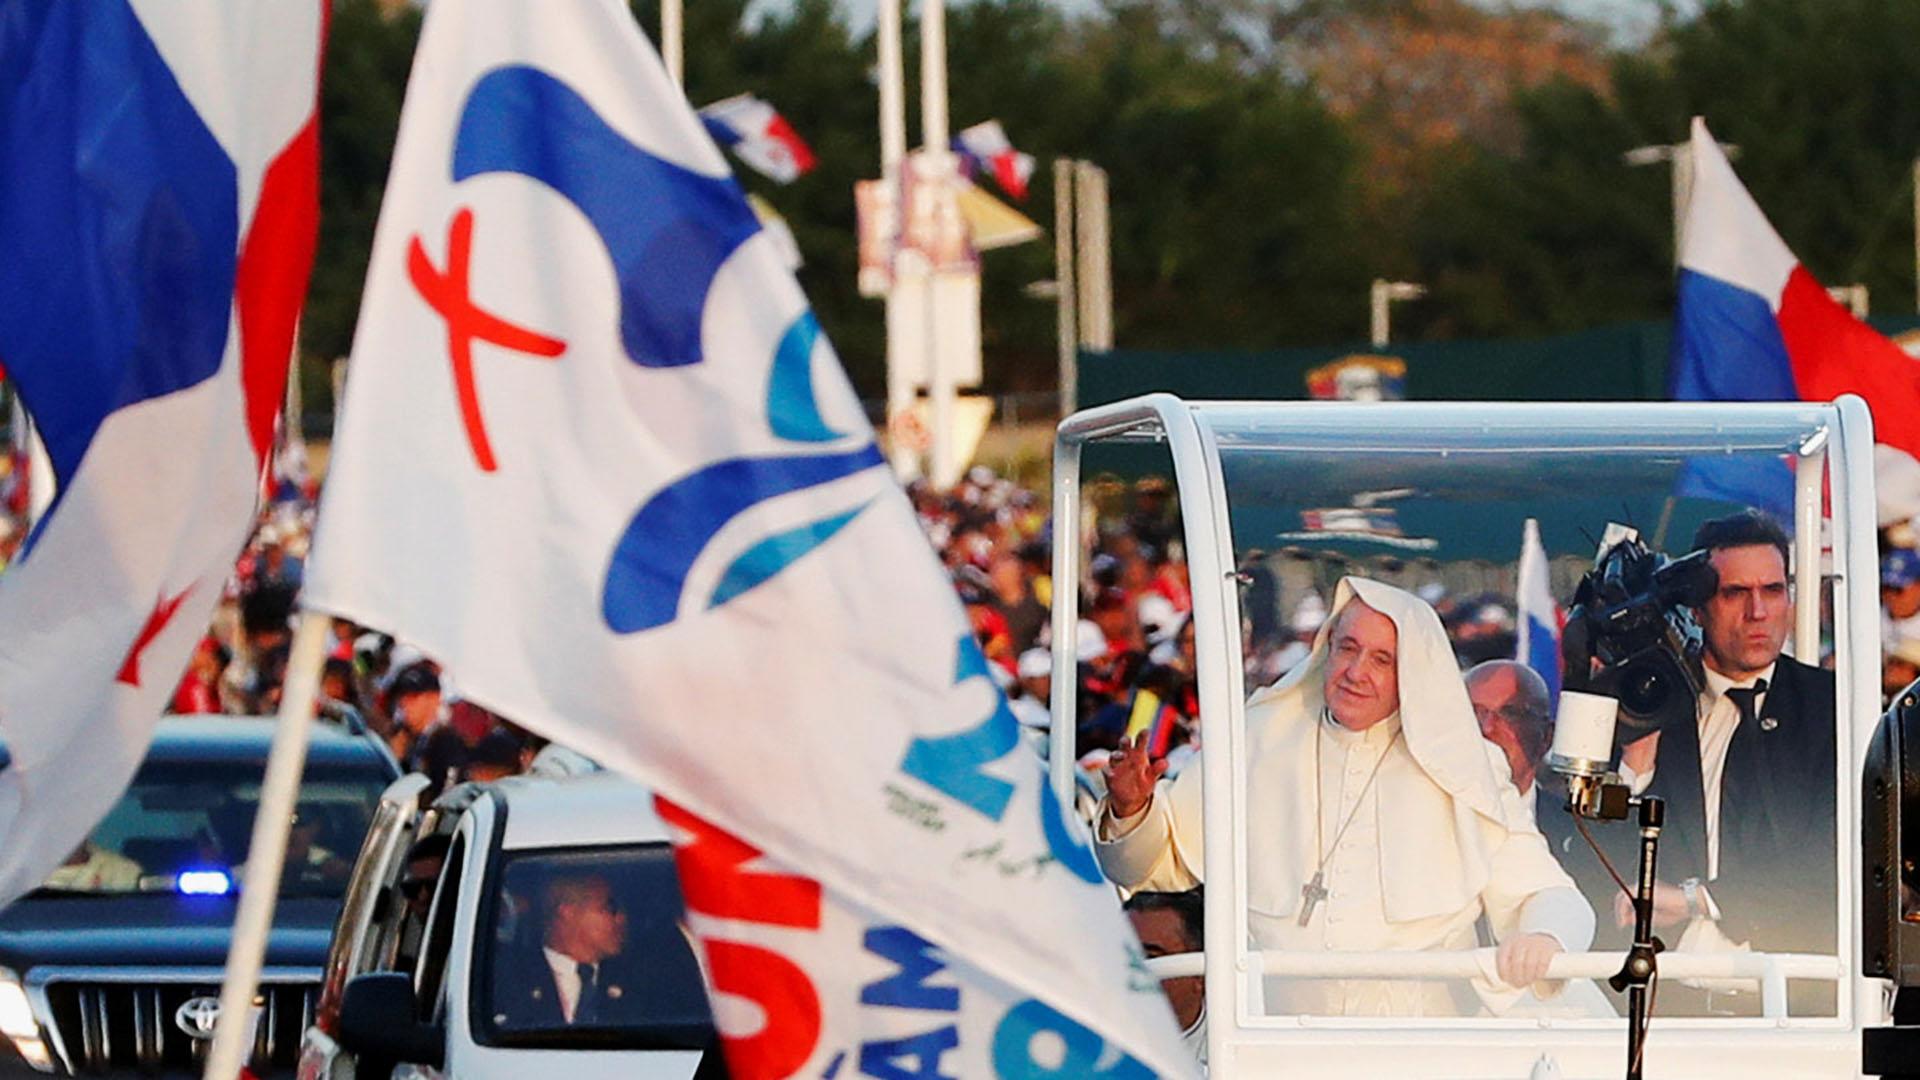 El Papa llegó a la vigilia en su papa móvil (Reuters)